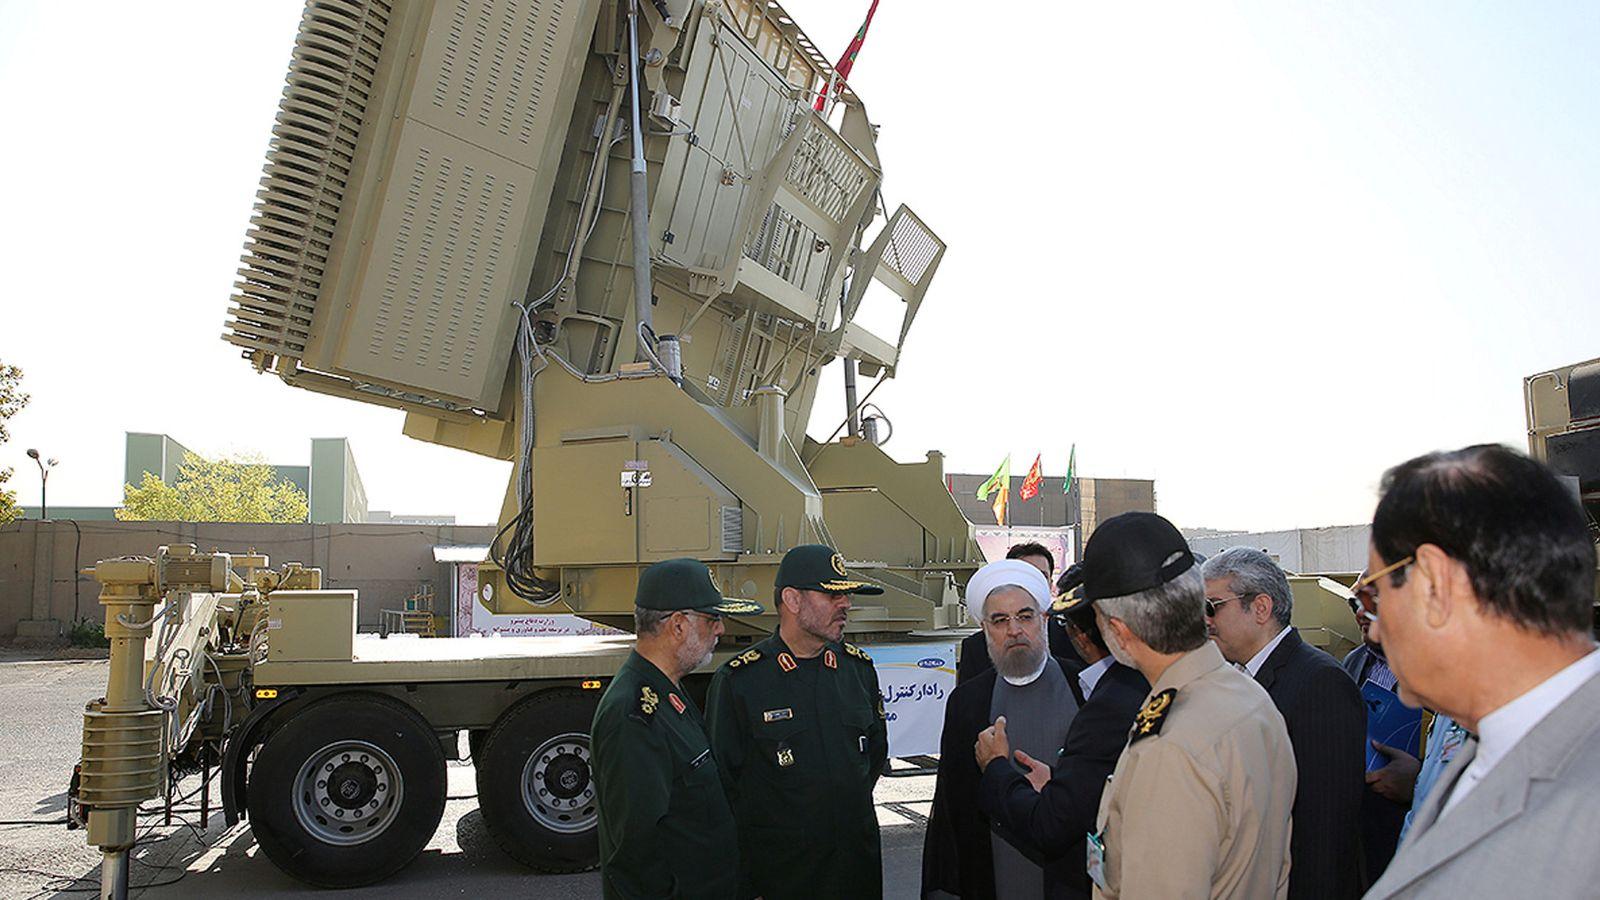 Foto: El presidente iraní Hassan Rohaní y el ministro de Defensa Hossein Dehghan frente a un sistema antimisiles Bavar-373 en Teherán, en agosto de 2016 (Reuters)